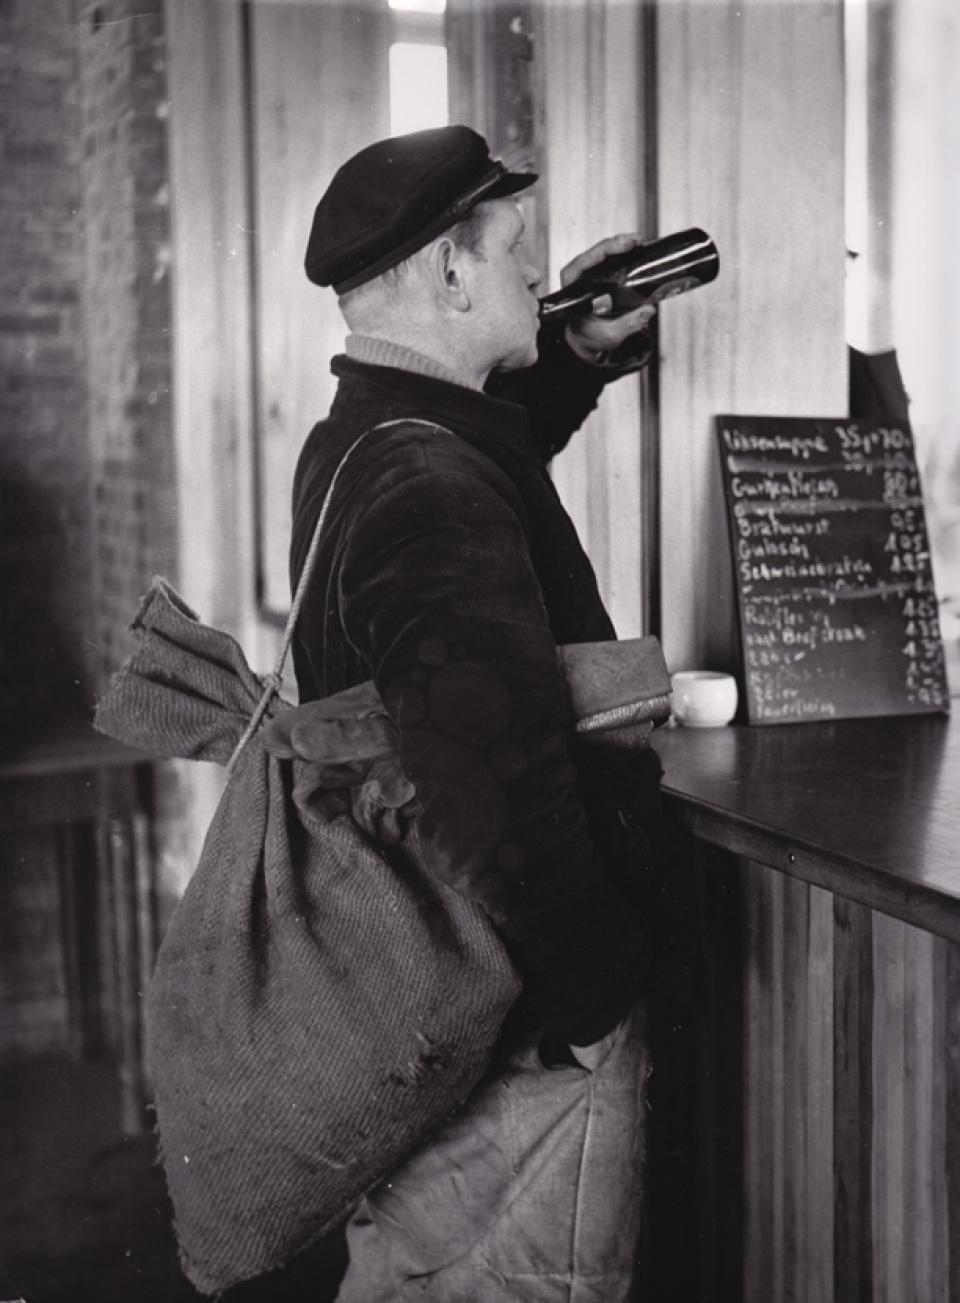 Franz Hubmann. Scheuermann mit Zumpelsack. Hamburg. 1955/56